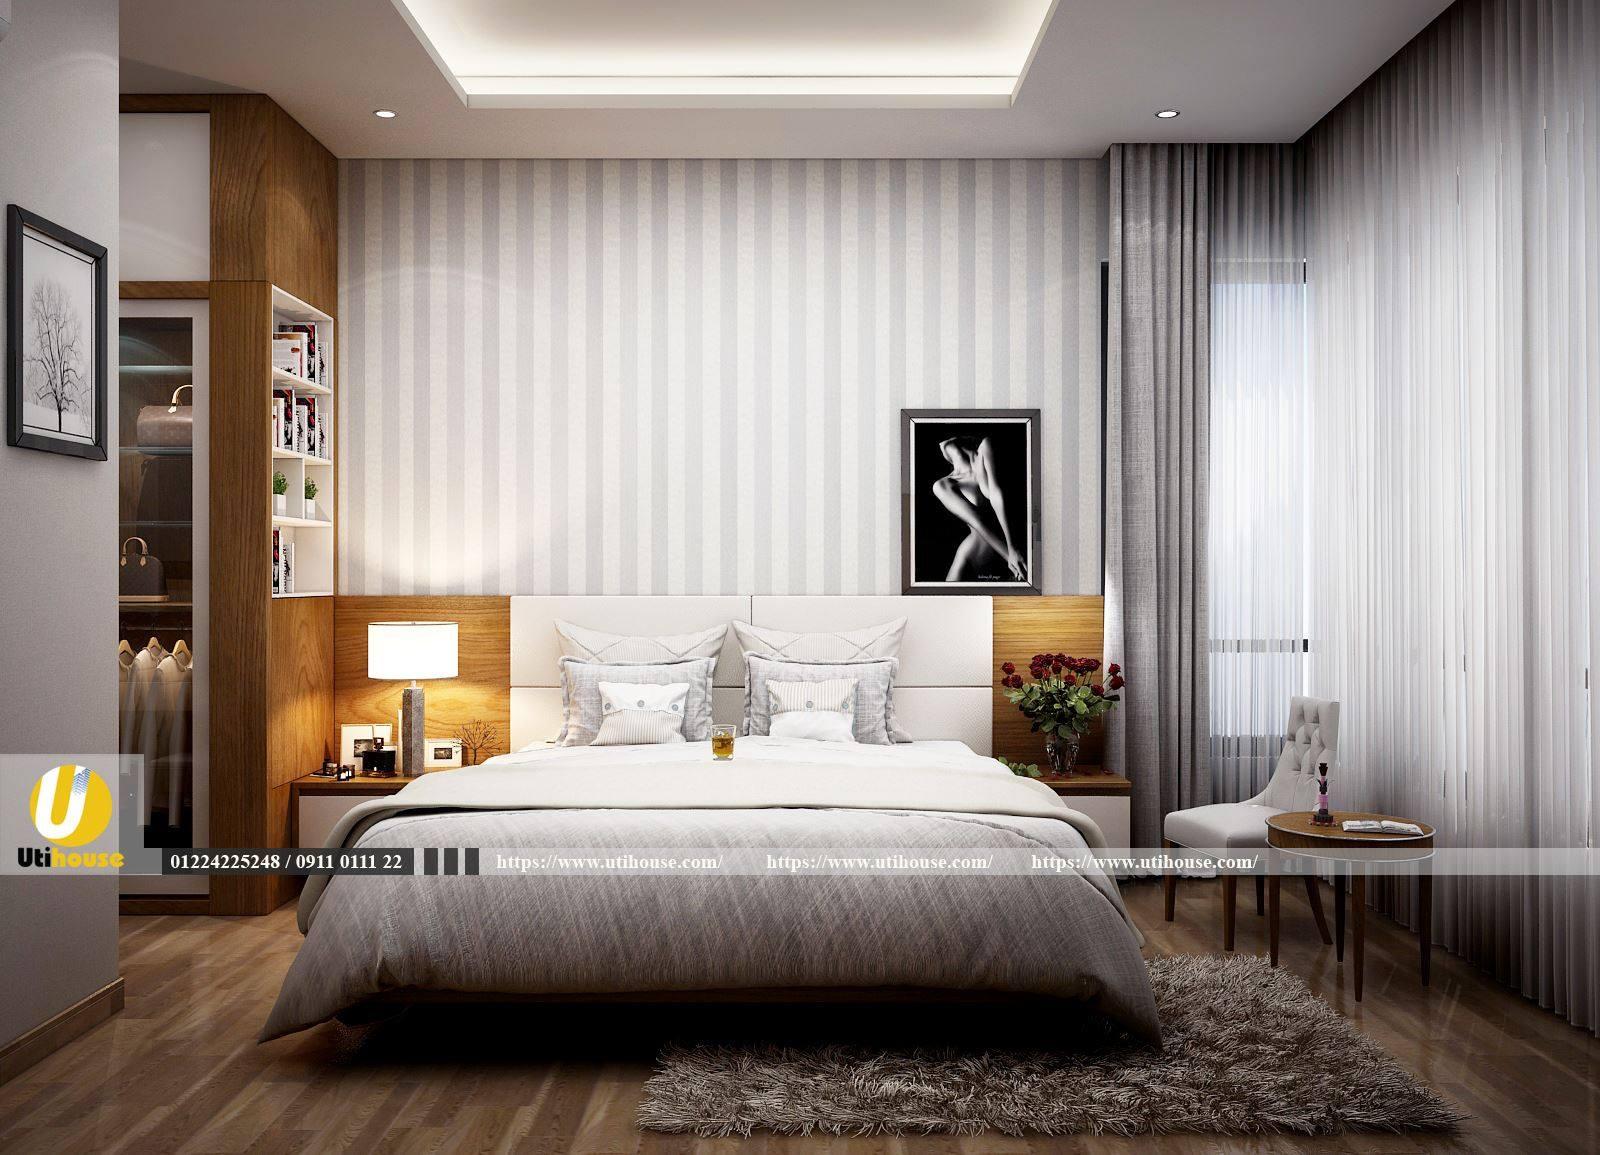 Chọn lựa đồ nội thất có kích cỡ phù hợp